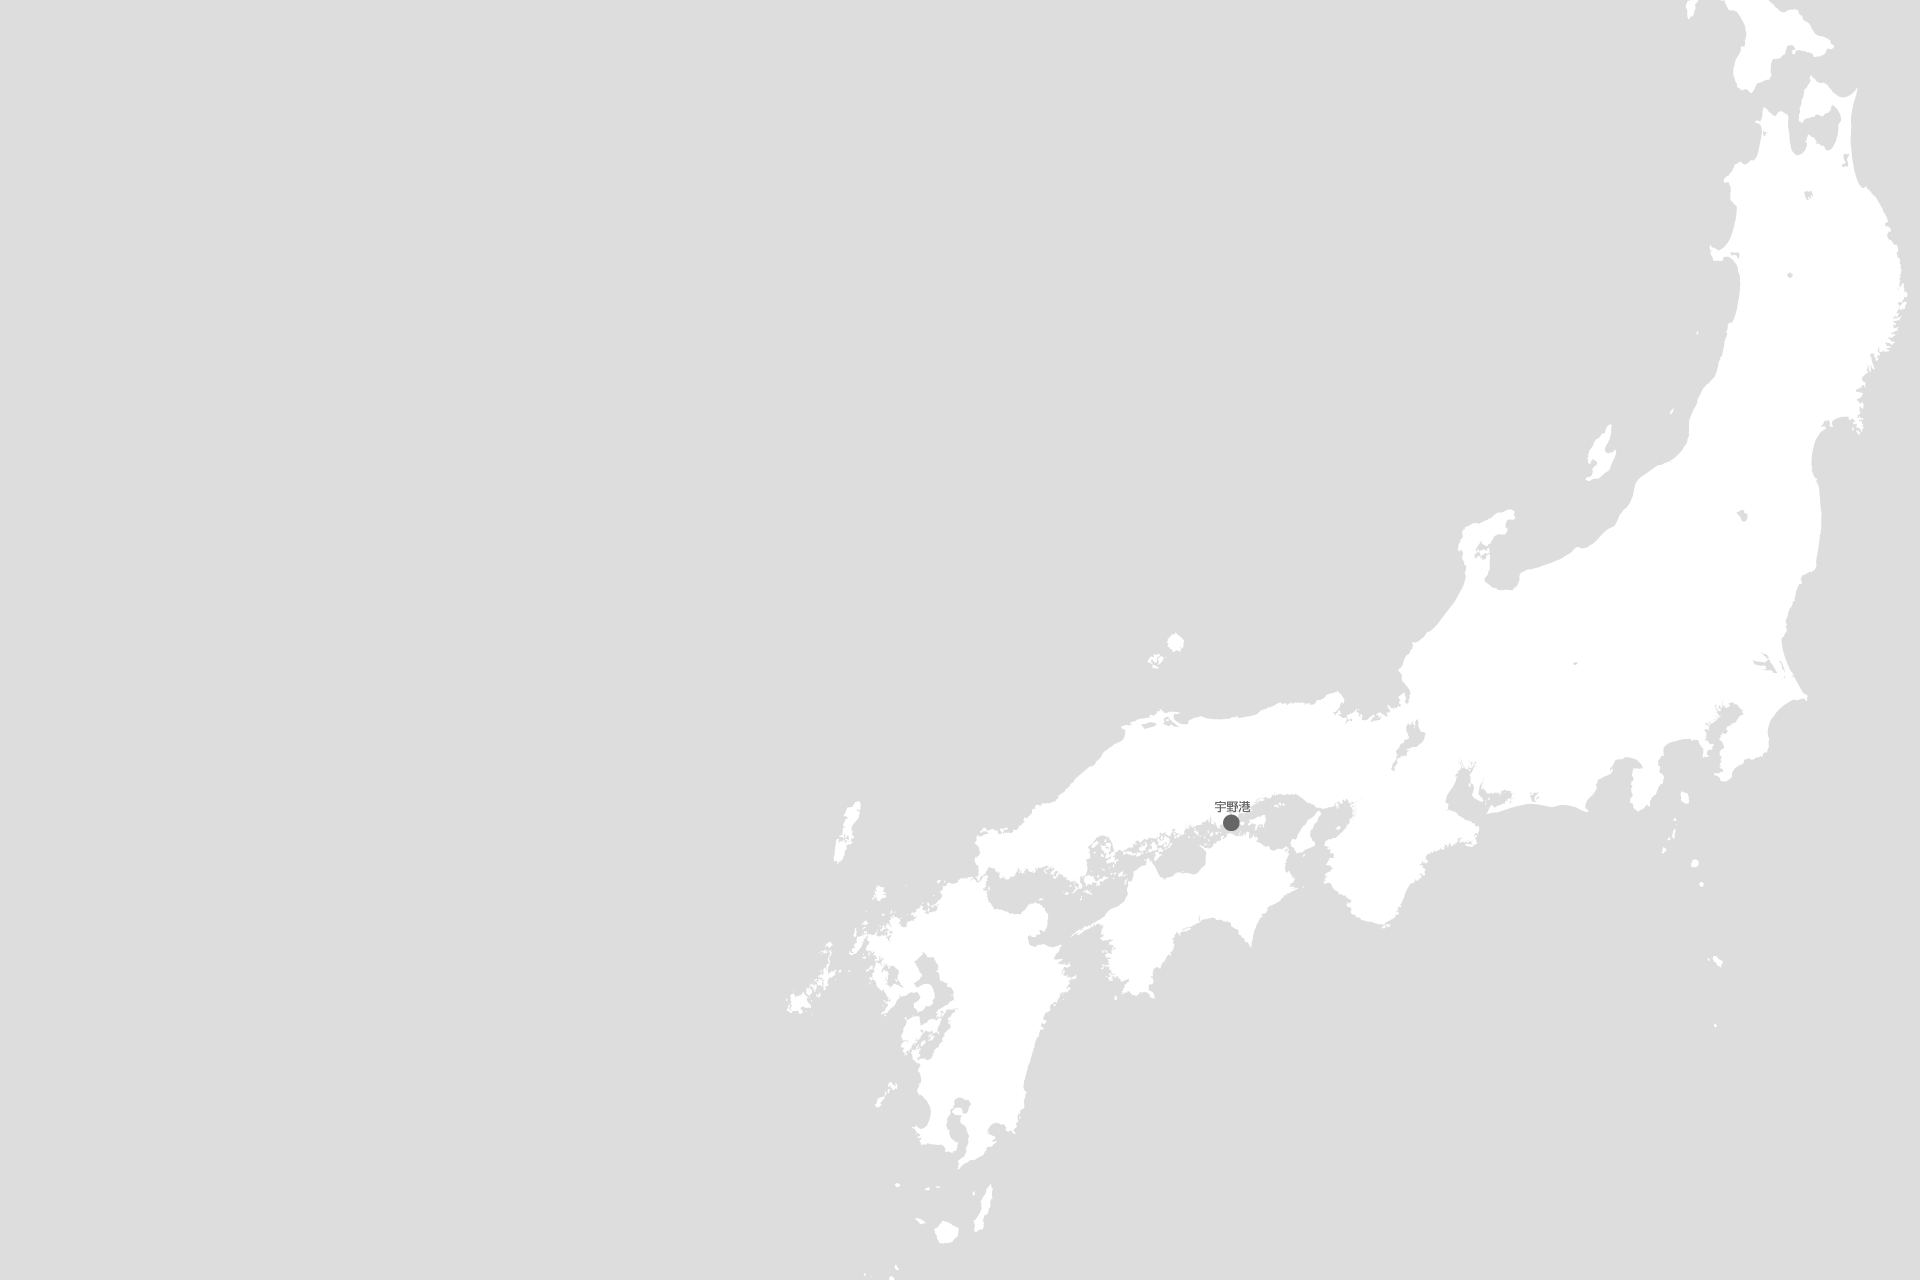 宇野港の位置